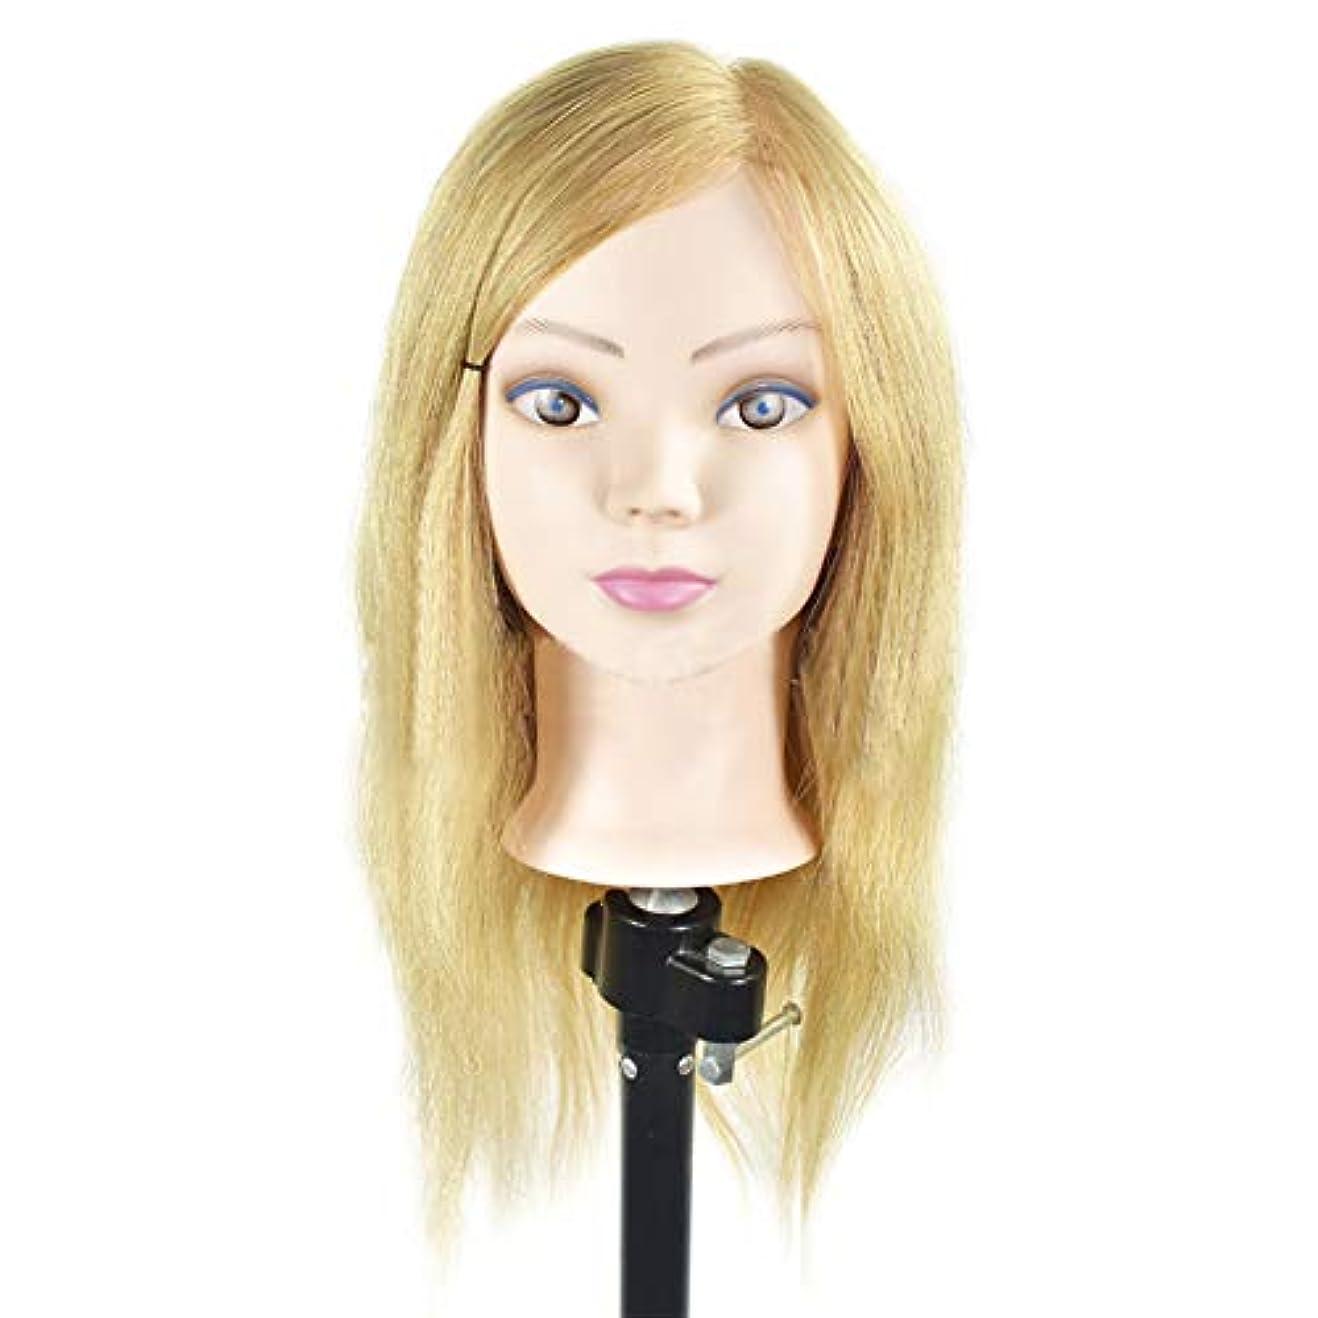 心配マウント真実に本物の髪髪編組髪ヘアホット染料ヘッド型サロンモデリングウィッグエクササイズヘッド散髪学習ダミーヘッド